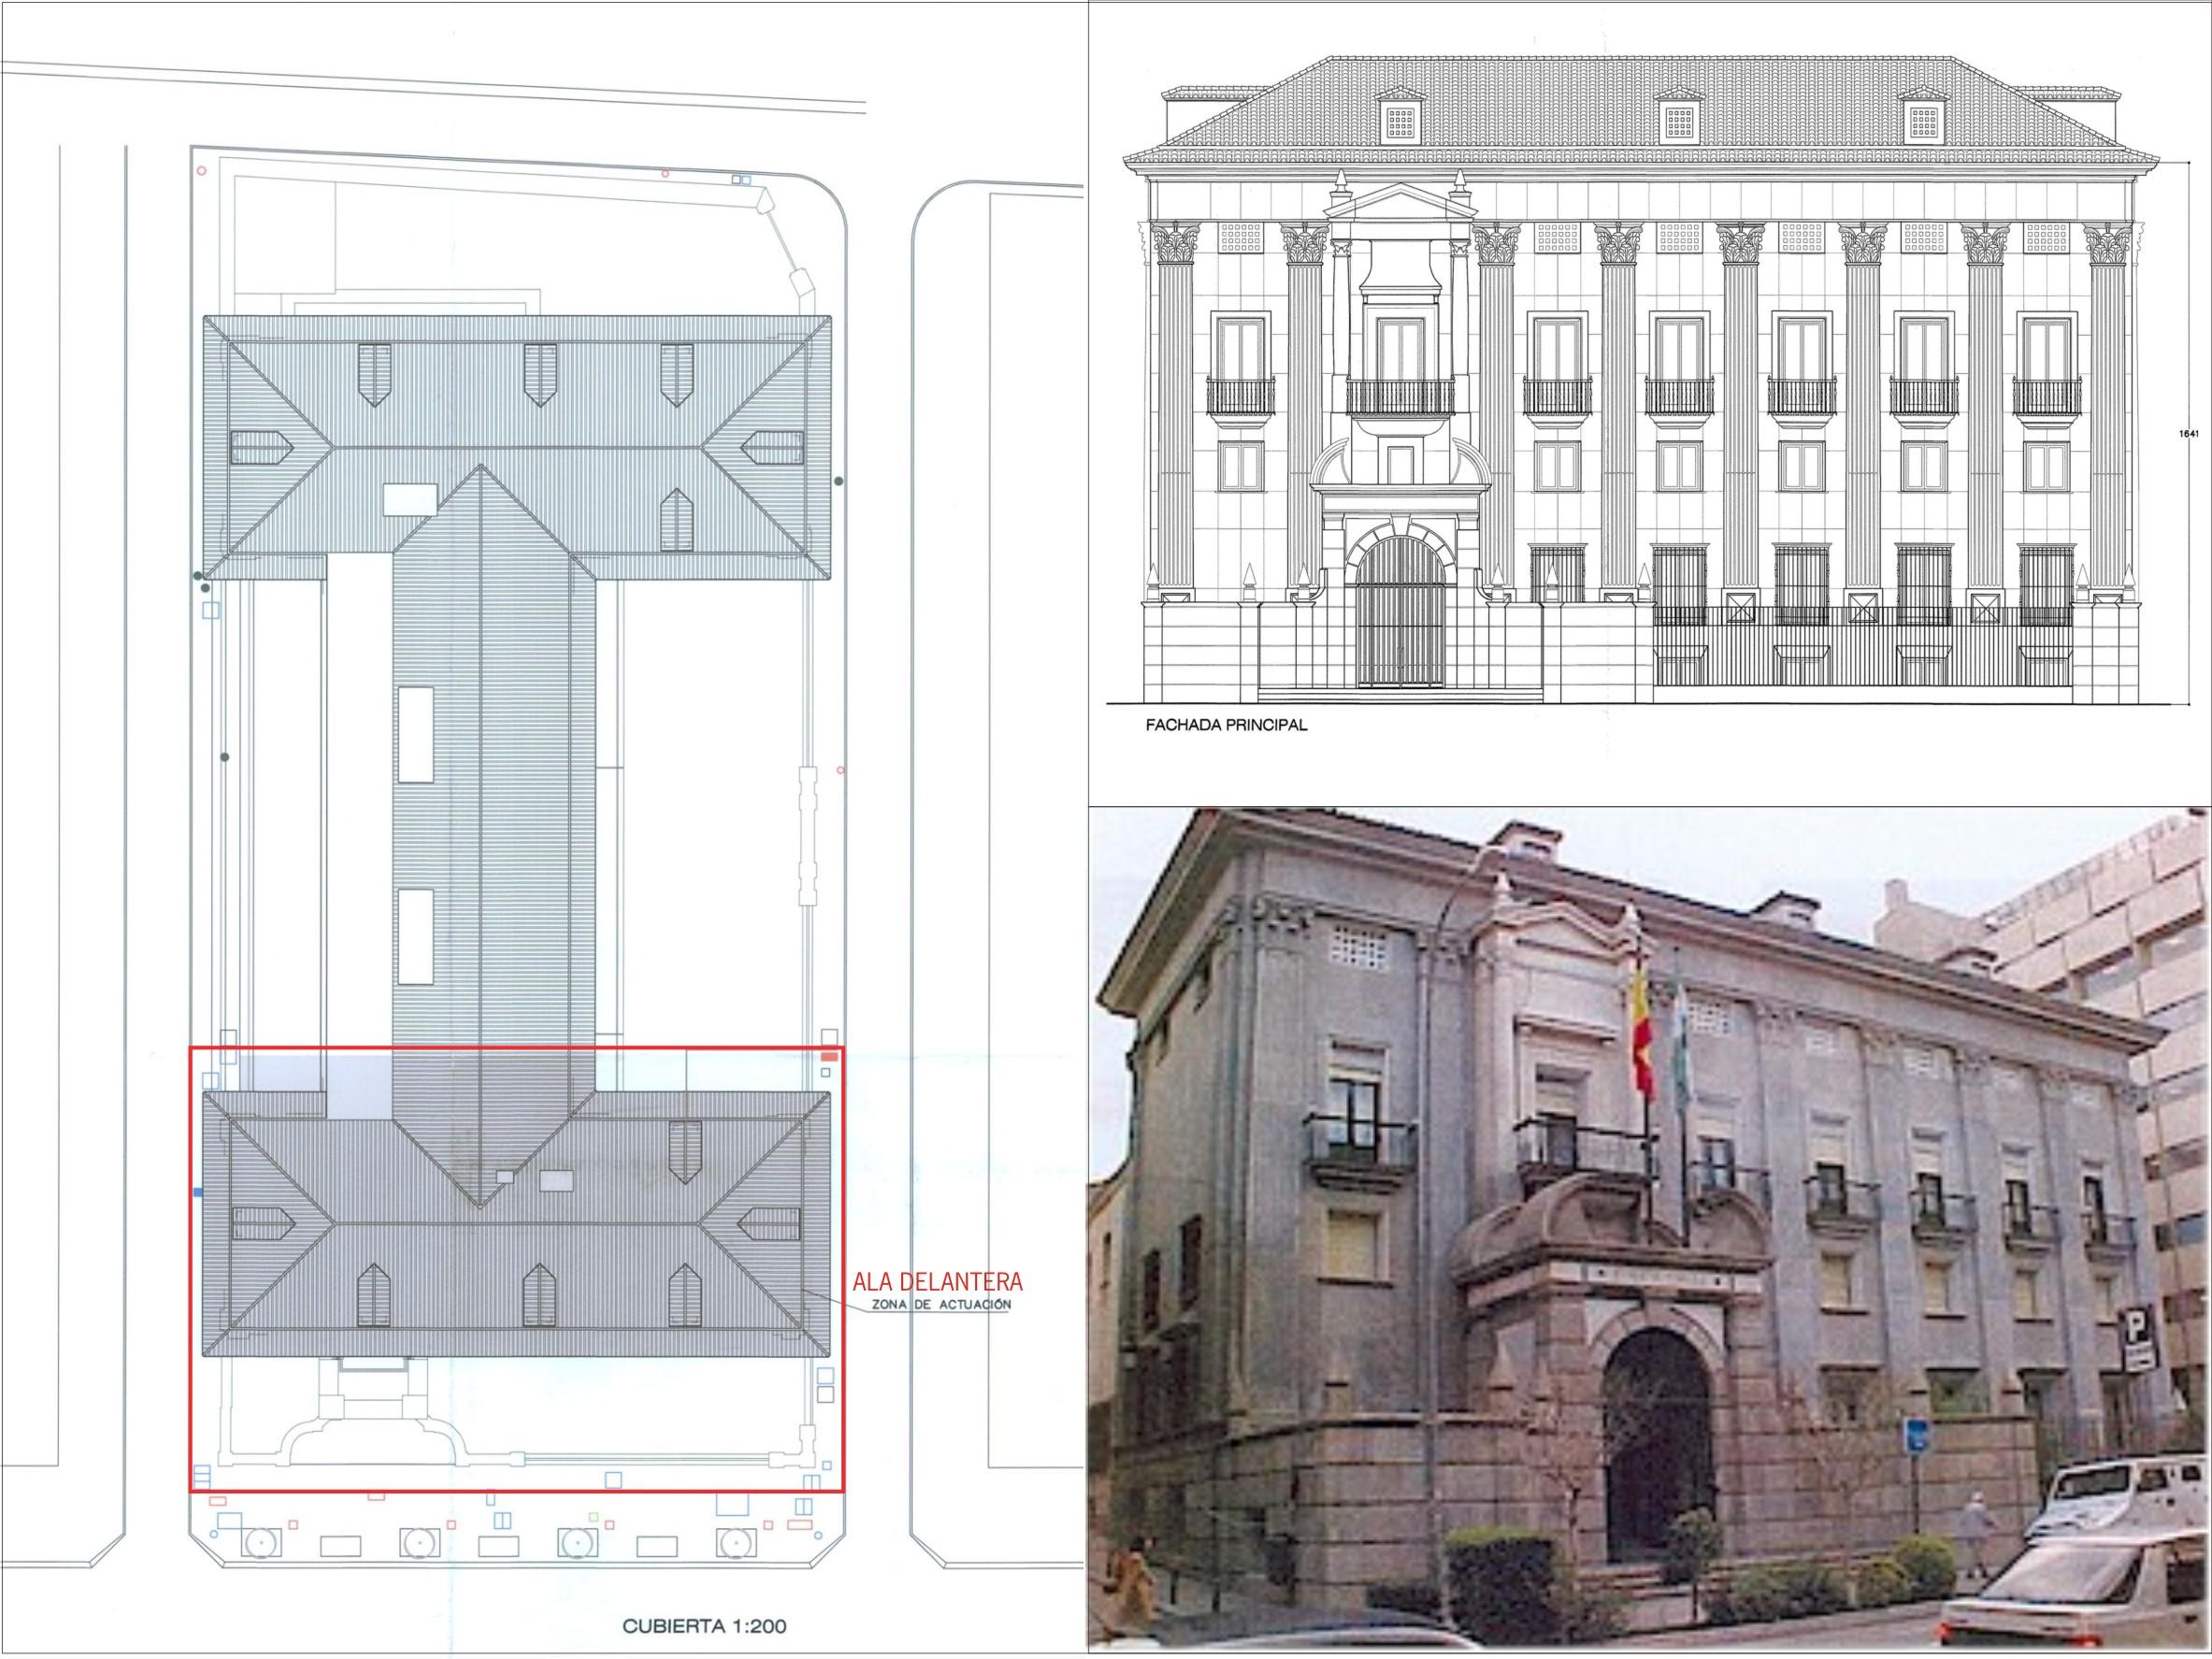 La actuación consiste en rehabilitar el ala delantera de este edificio singular situado en la Gran Vía de Granada.